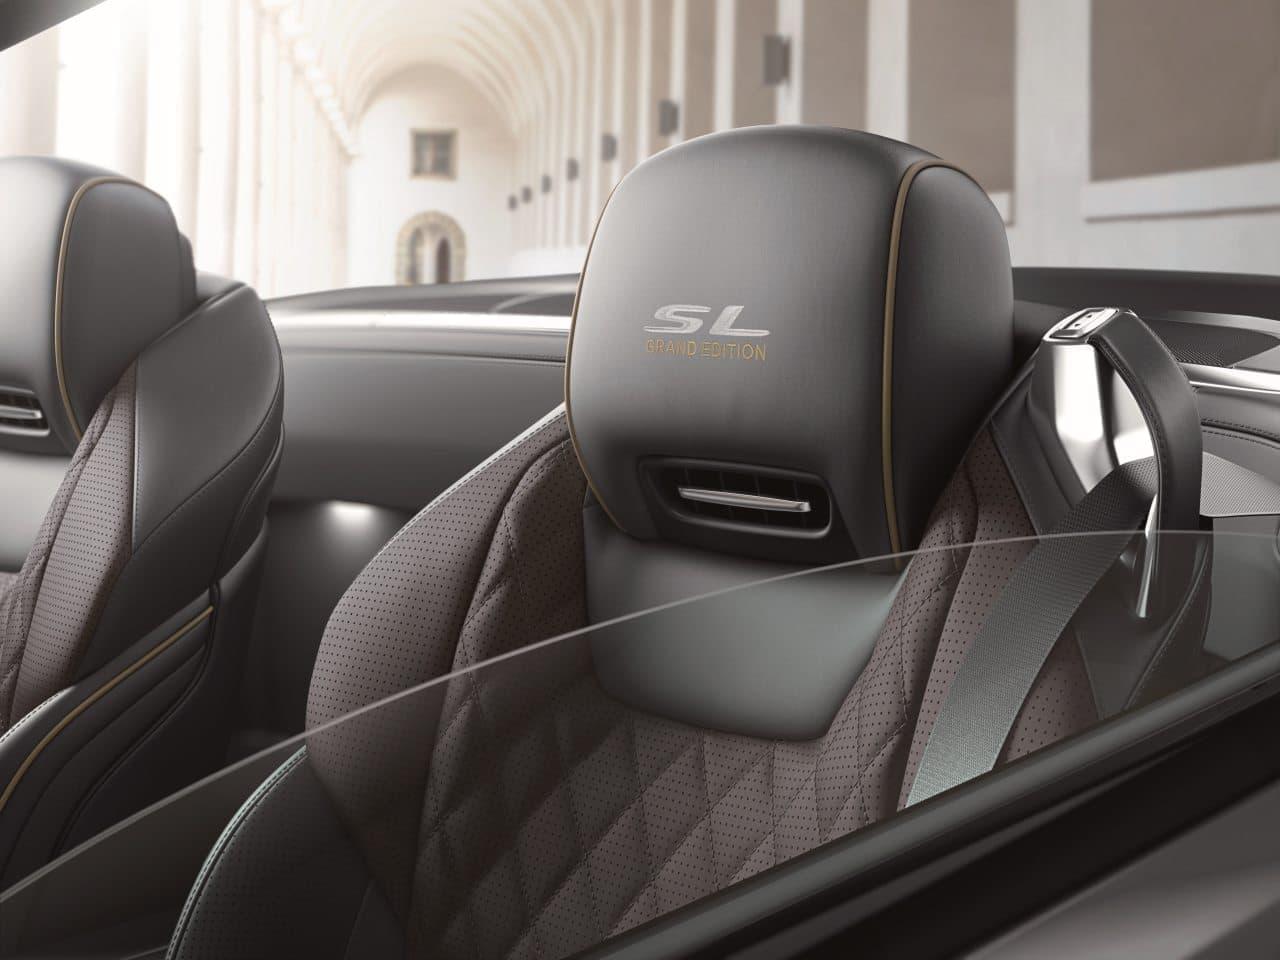 メルセデス・ベンツのロードスター「SL」に、特別仕様車「SL 400 Grand Edition」